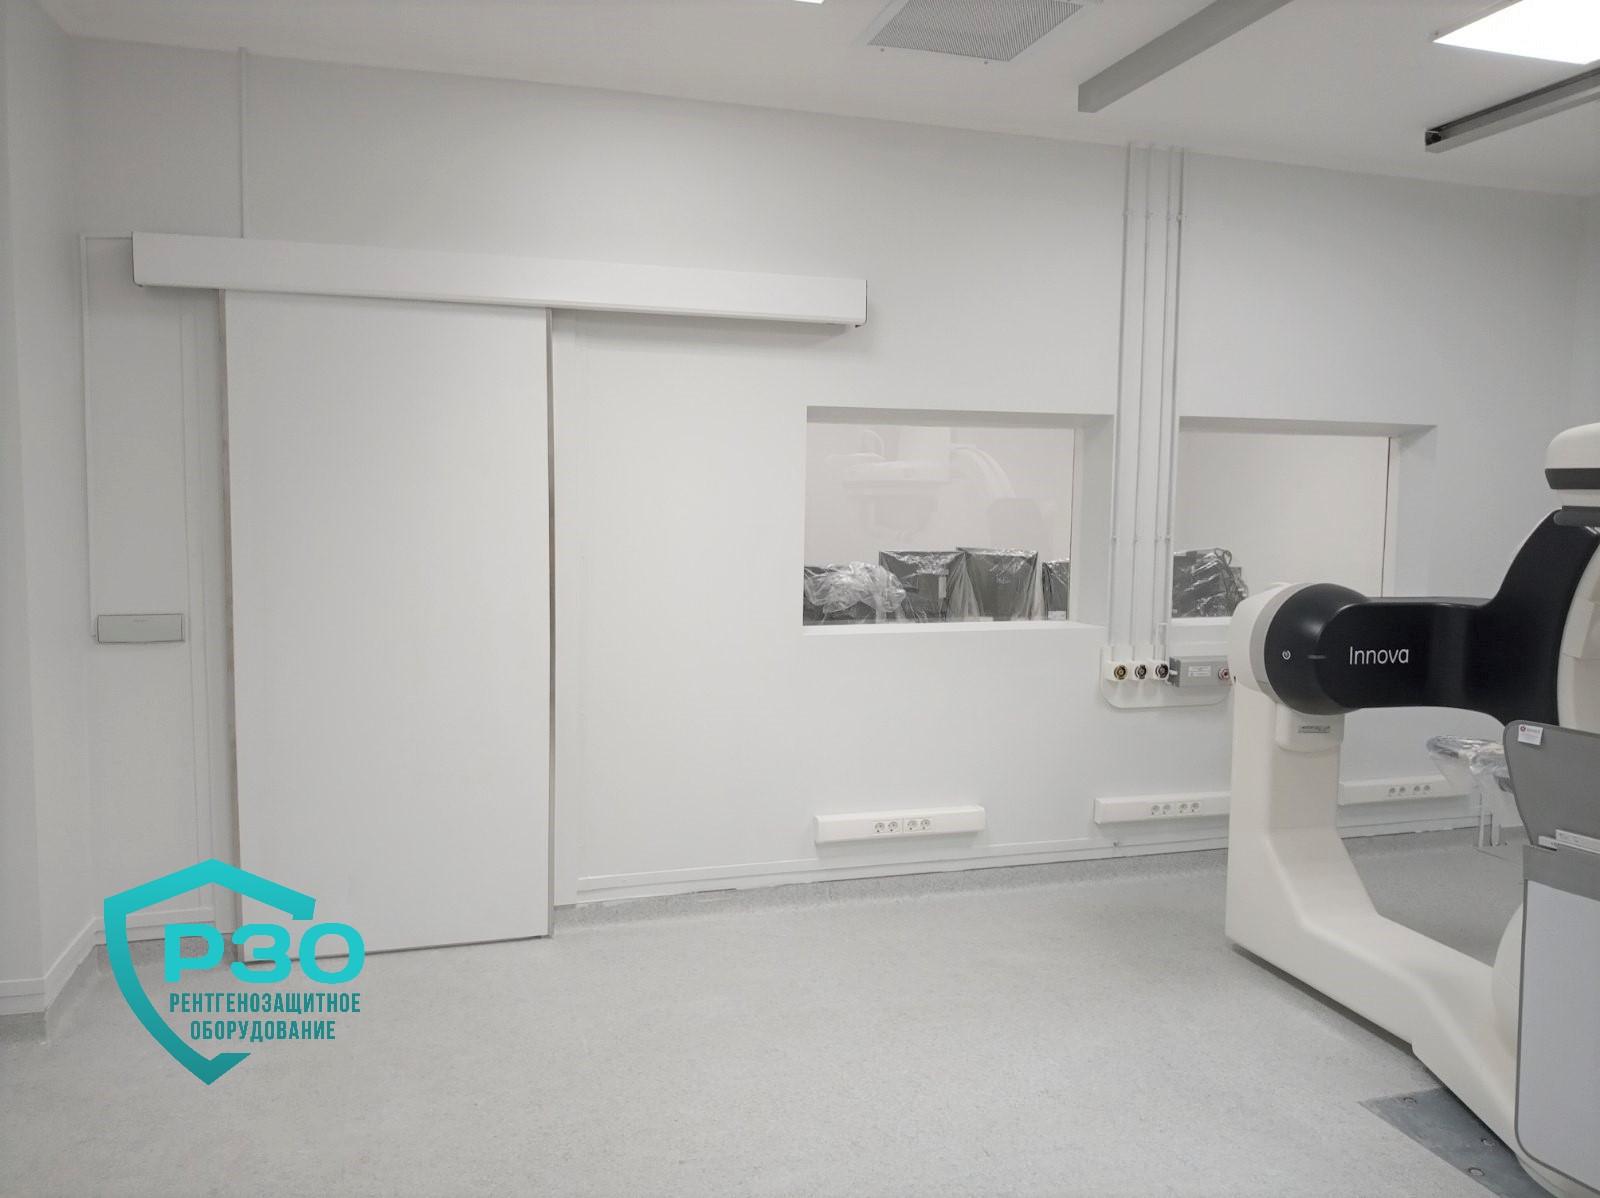 Двери автоматические рентгенозащитные